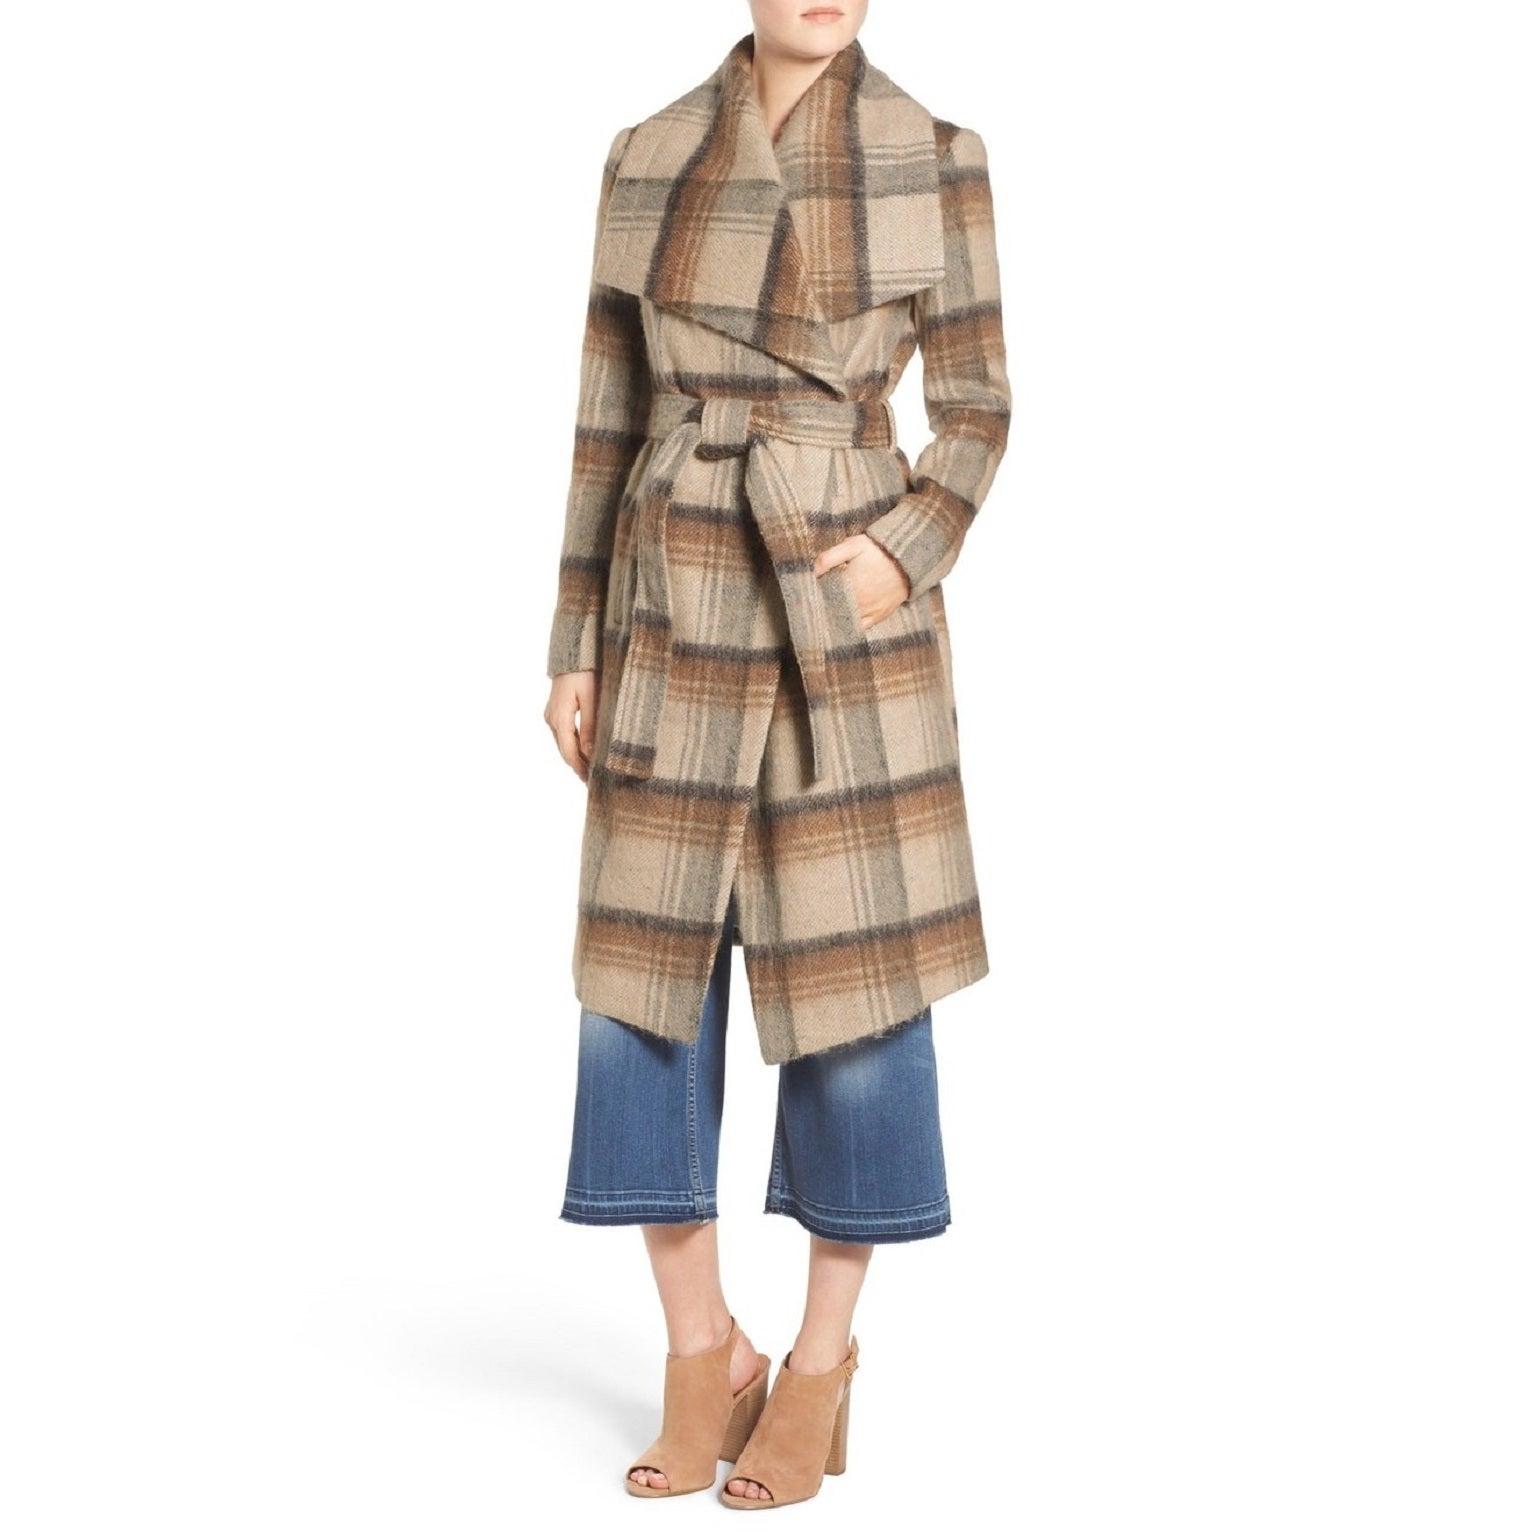 BCBGeneration Women's Camel Plaid Wrap Coat (XS), Size: L...